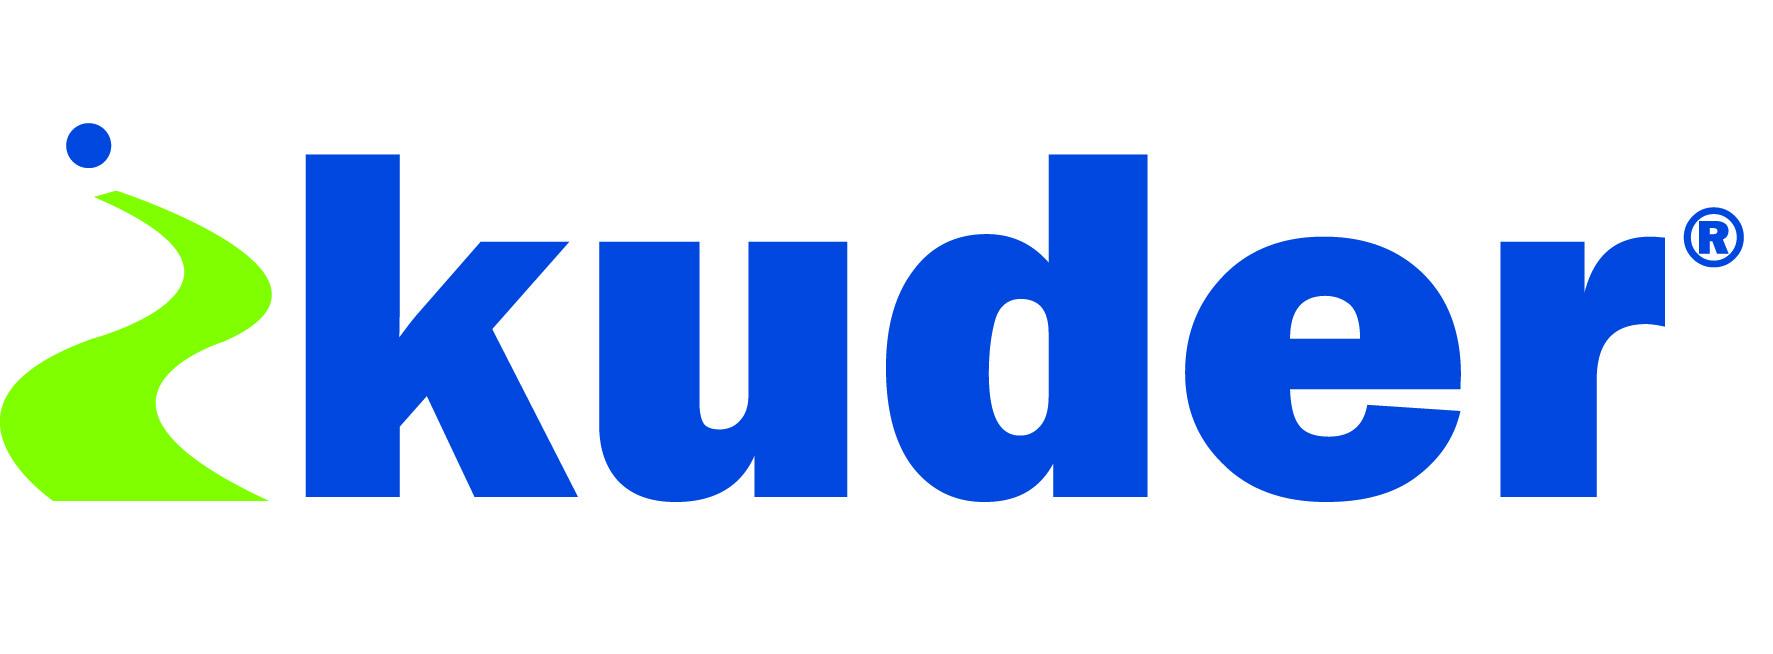 kuder_logo.png